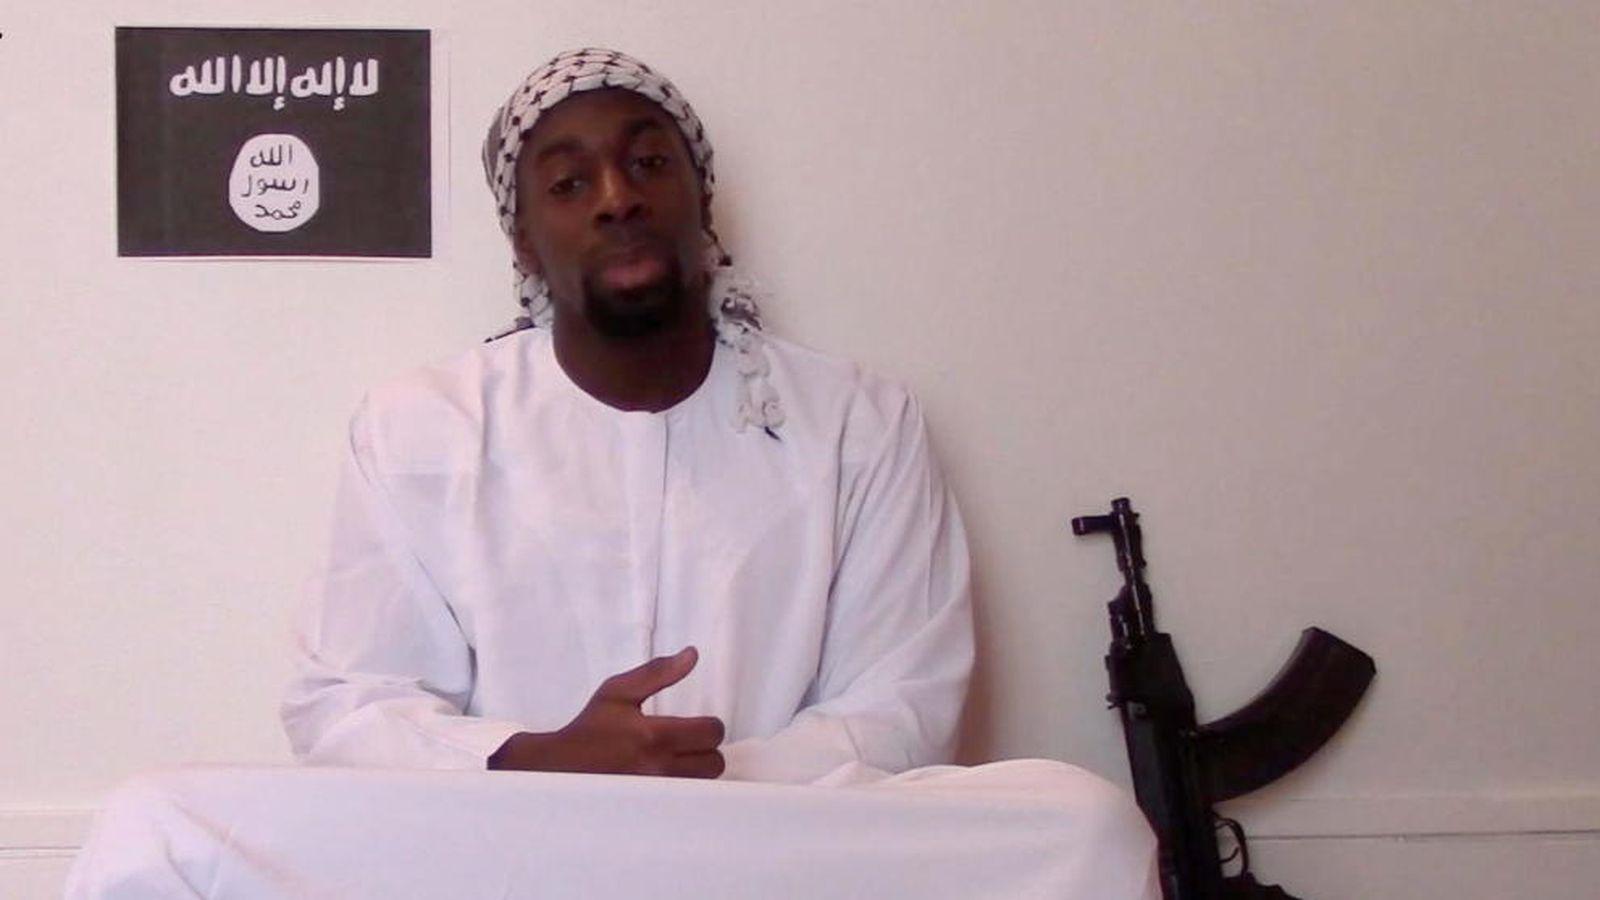 Foto: Amedy Coulibaly, el terrorista que mató a cinco personas en enero de 2015 en París